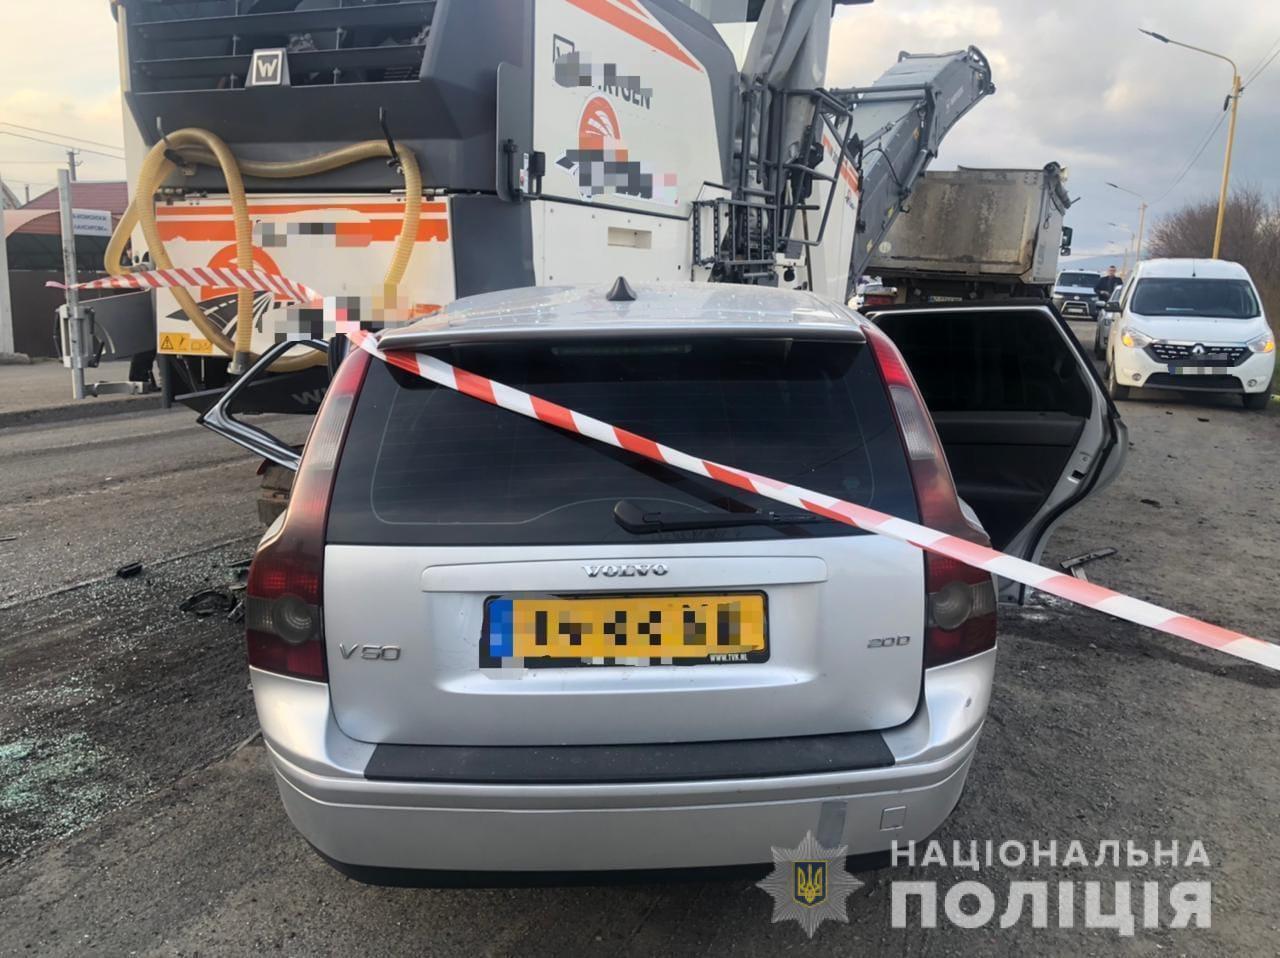 Полиция расследует причины аварии